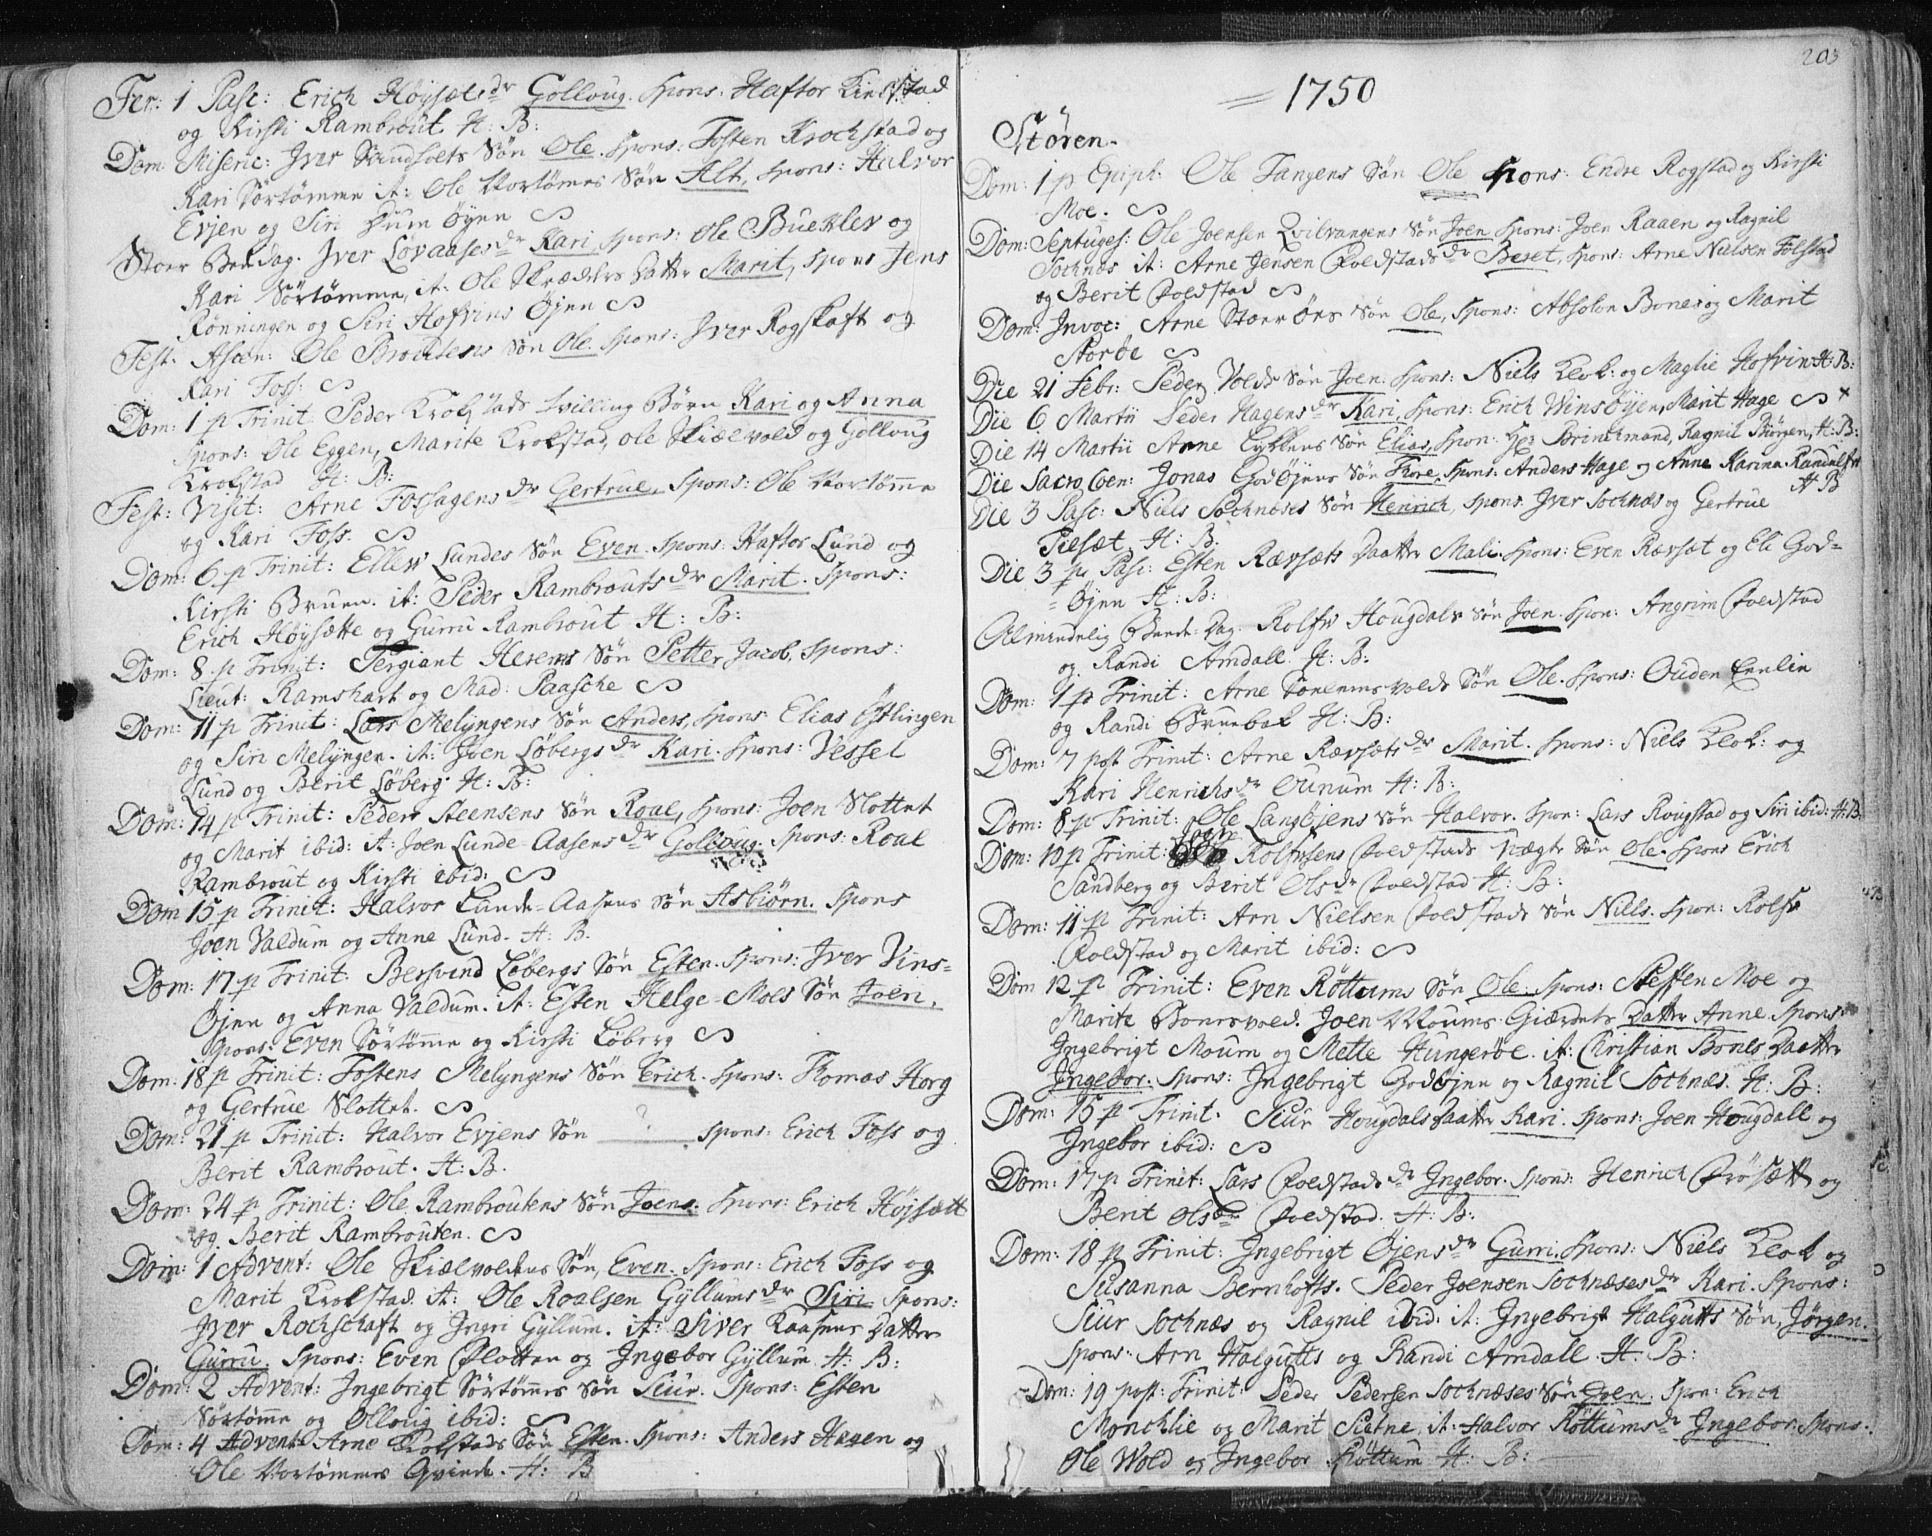 SAT, Ministerialprotokoller, klokkerbøker og fødselsregistre - Sør-Trøndelag, 687/L0991: Ministerialbok nr. 687A02, 1747-1790, s. 203